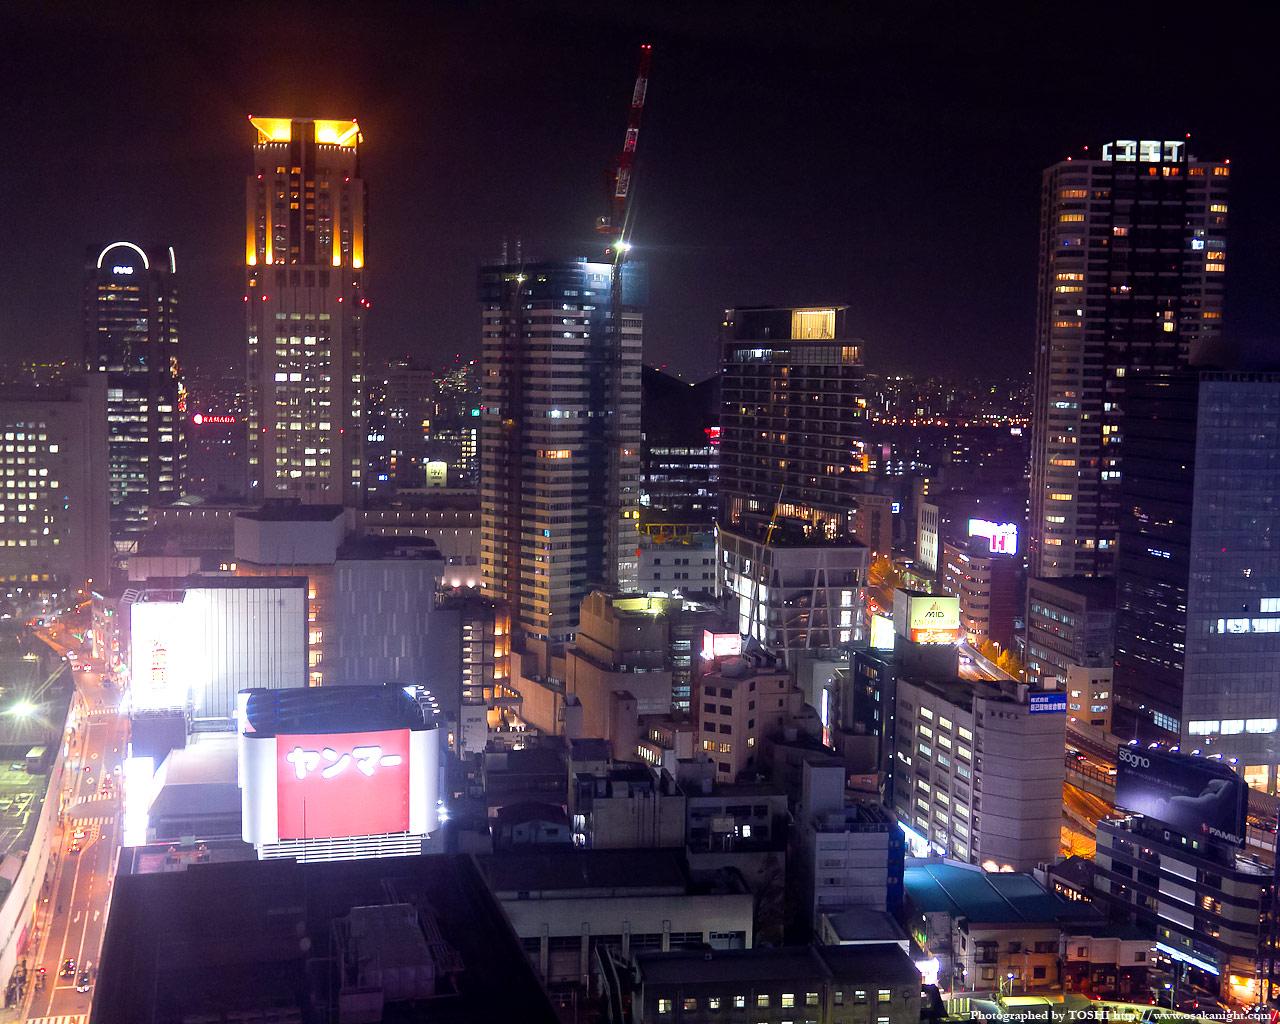 茶屋町周辺の高層ビル群夜景1